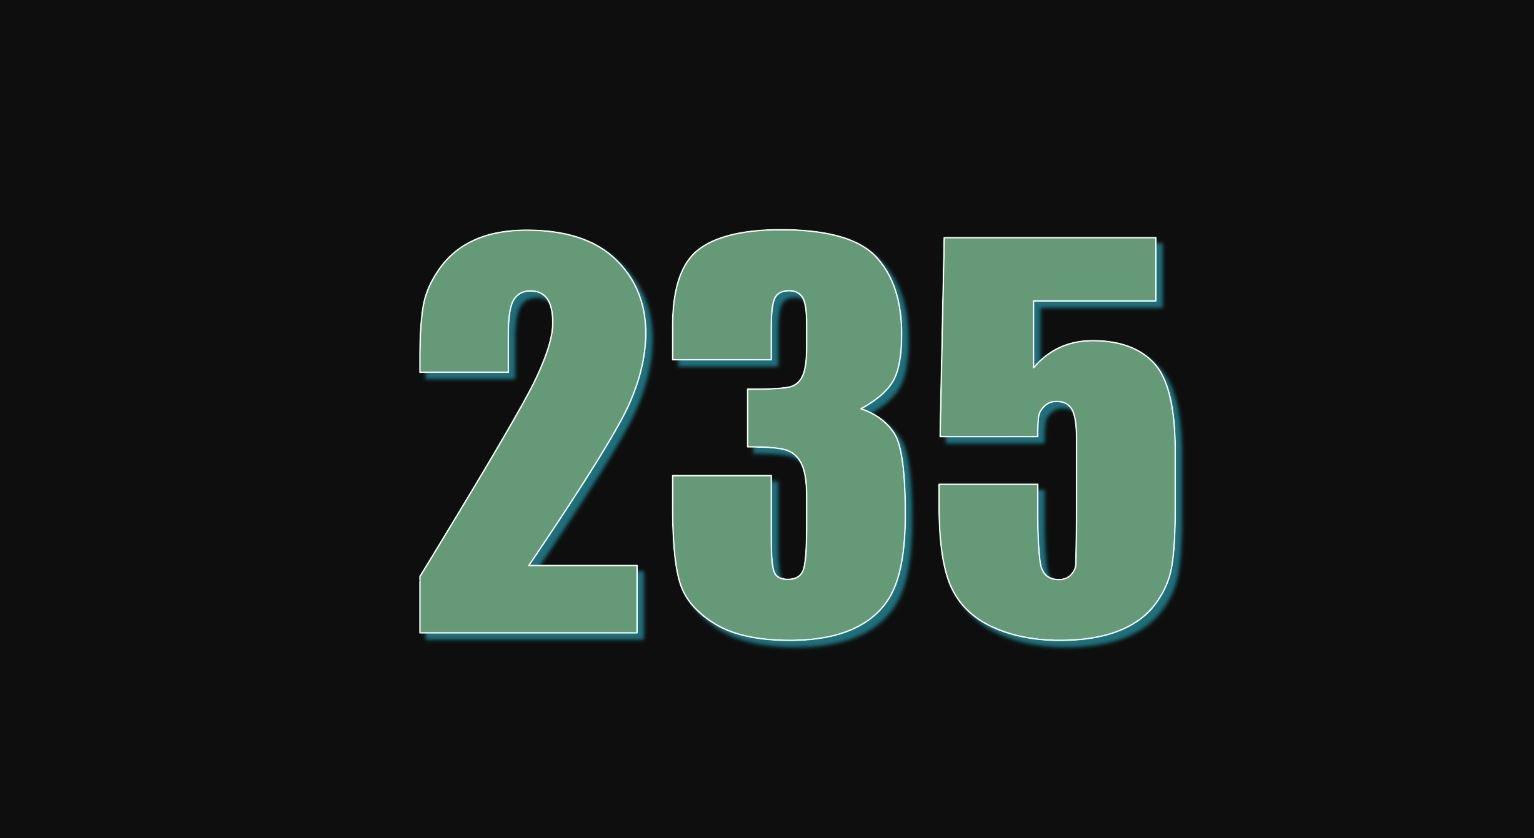 Il significato del numero 235